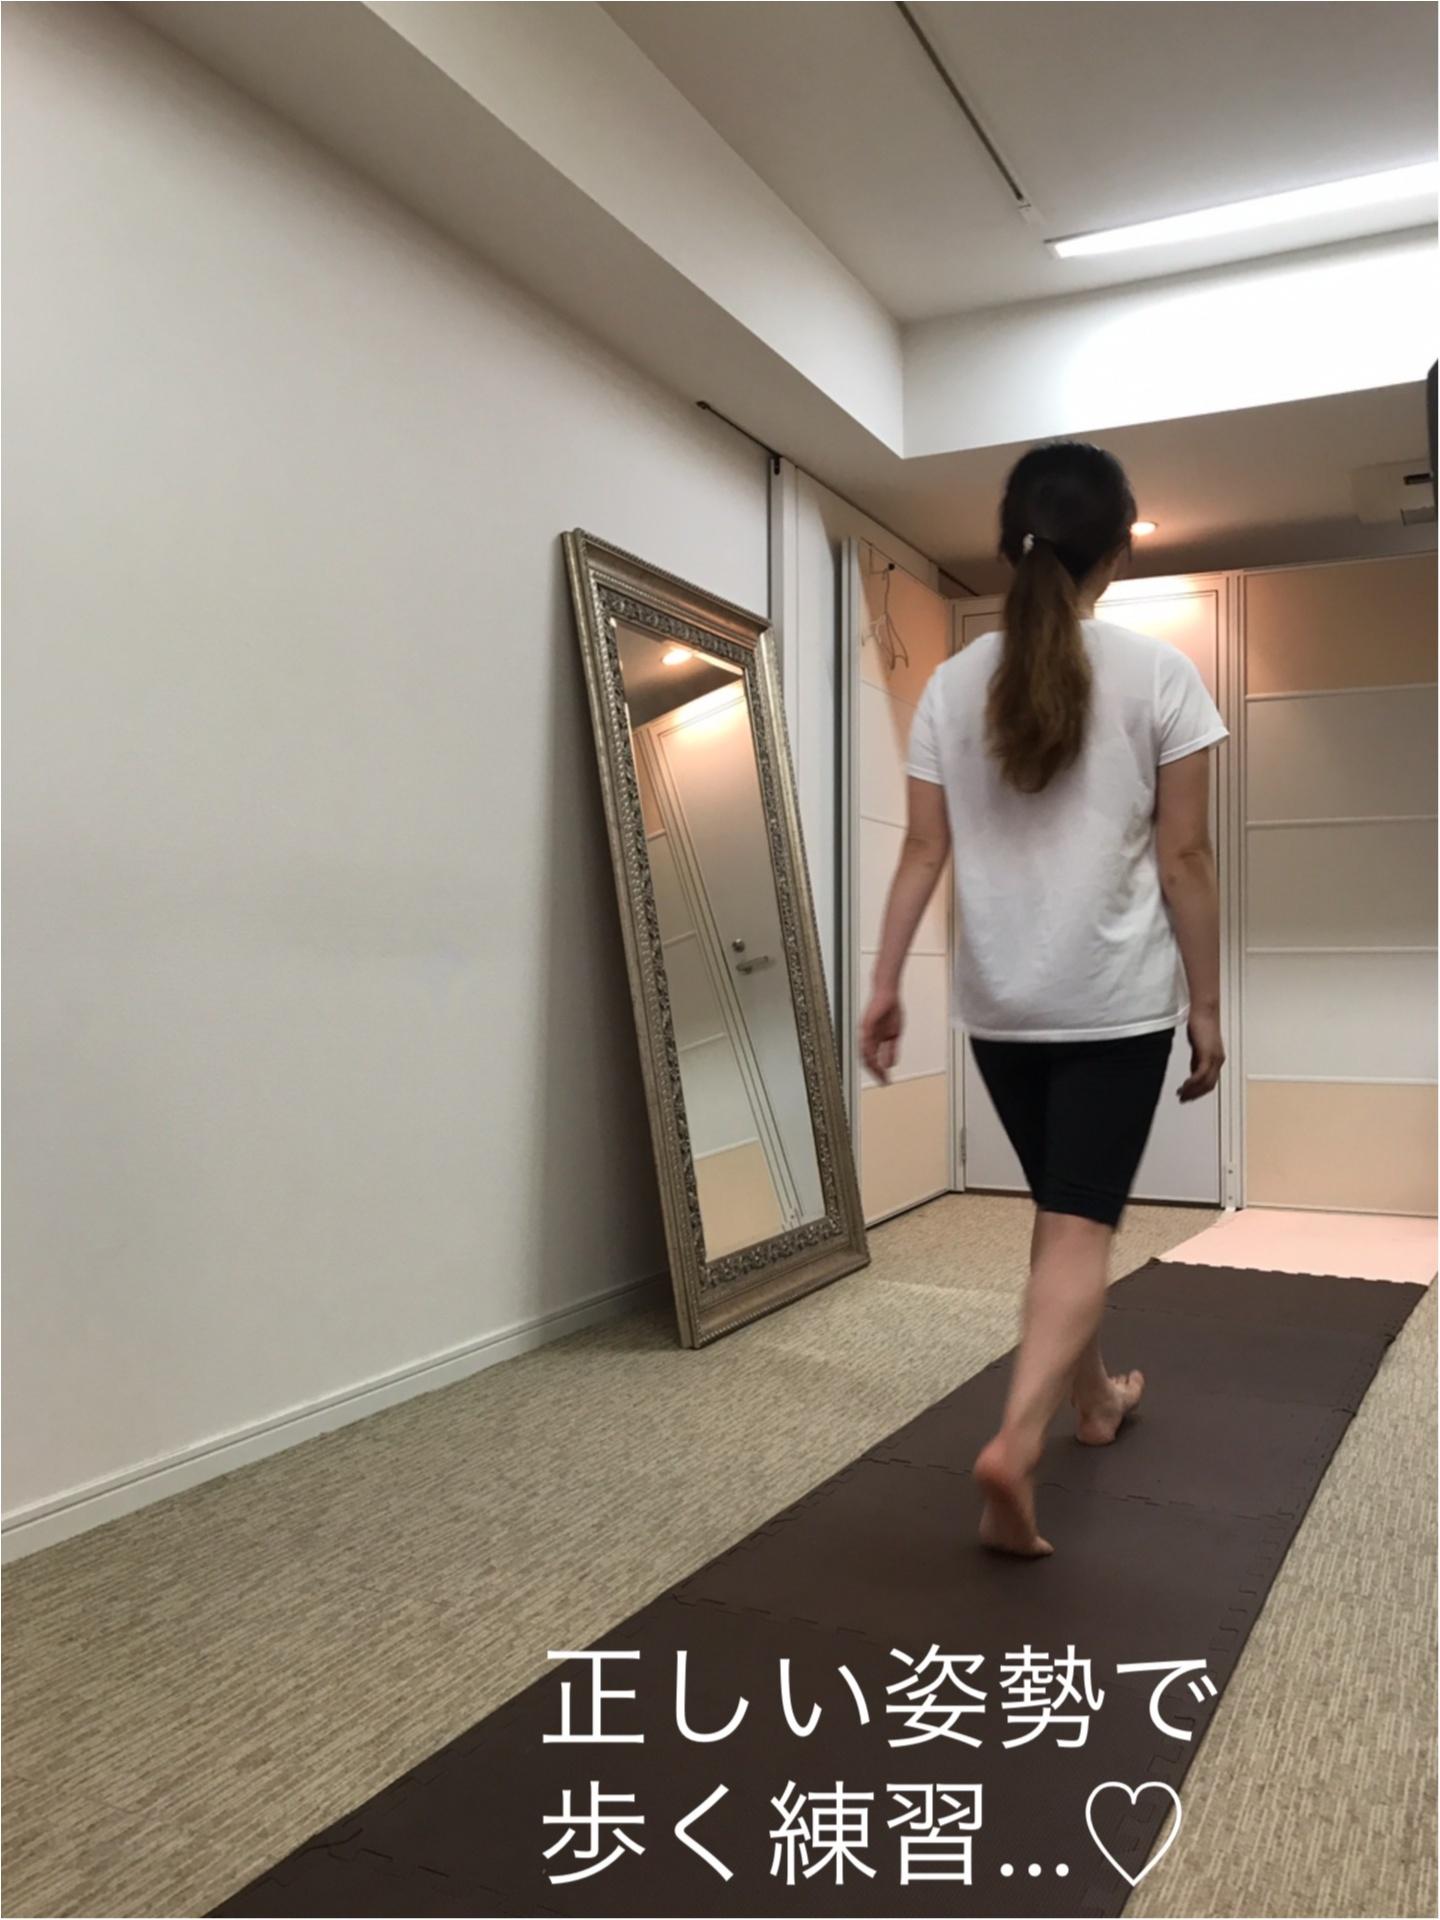 小倉義人先生のサロンで美ボディになるための「正しい歩き方」レッスン♡  【#モアチャレ 7キロ痩せ】_3